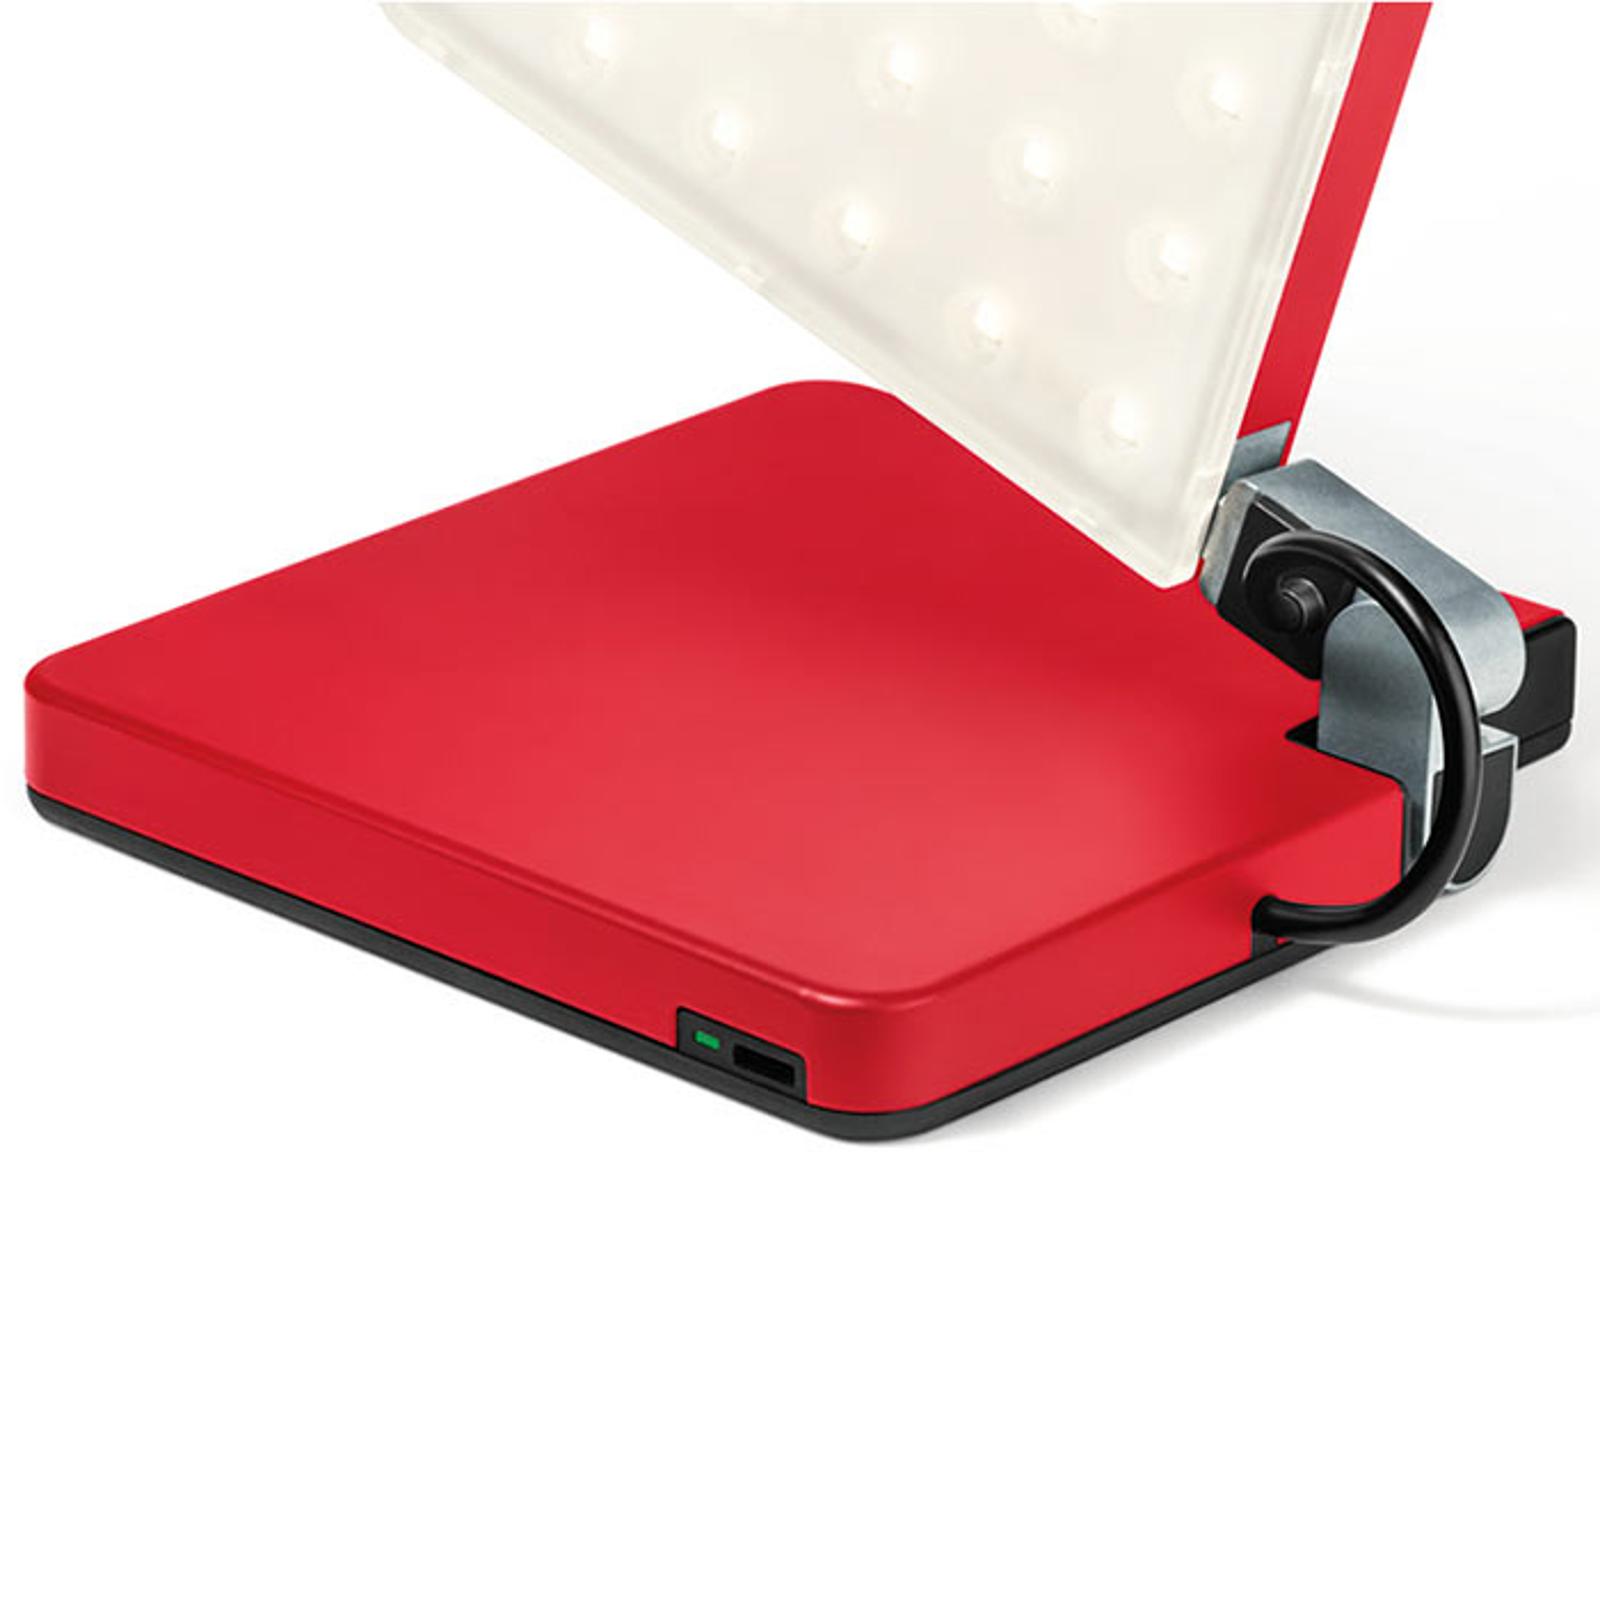 Nimbus Roxxane Fly LED-pöytävalaisin, punainen